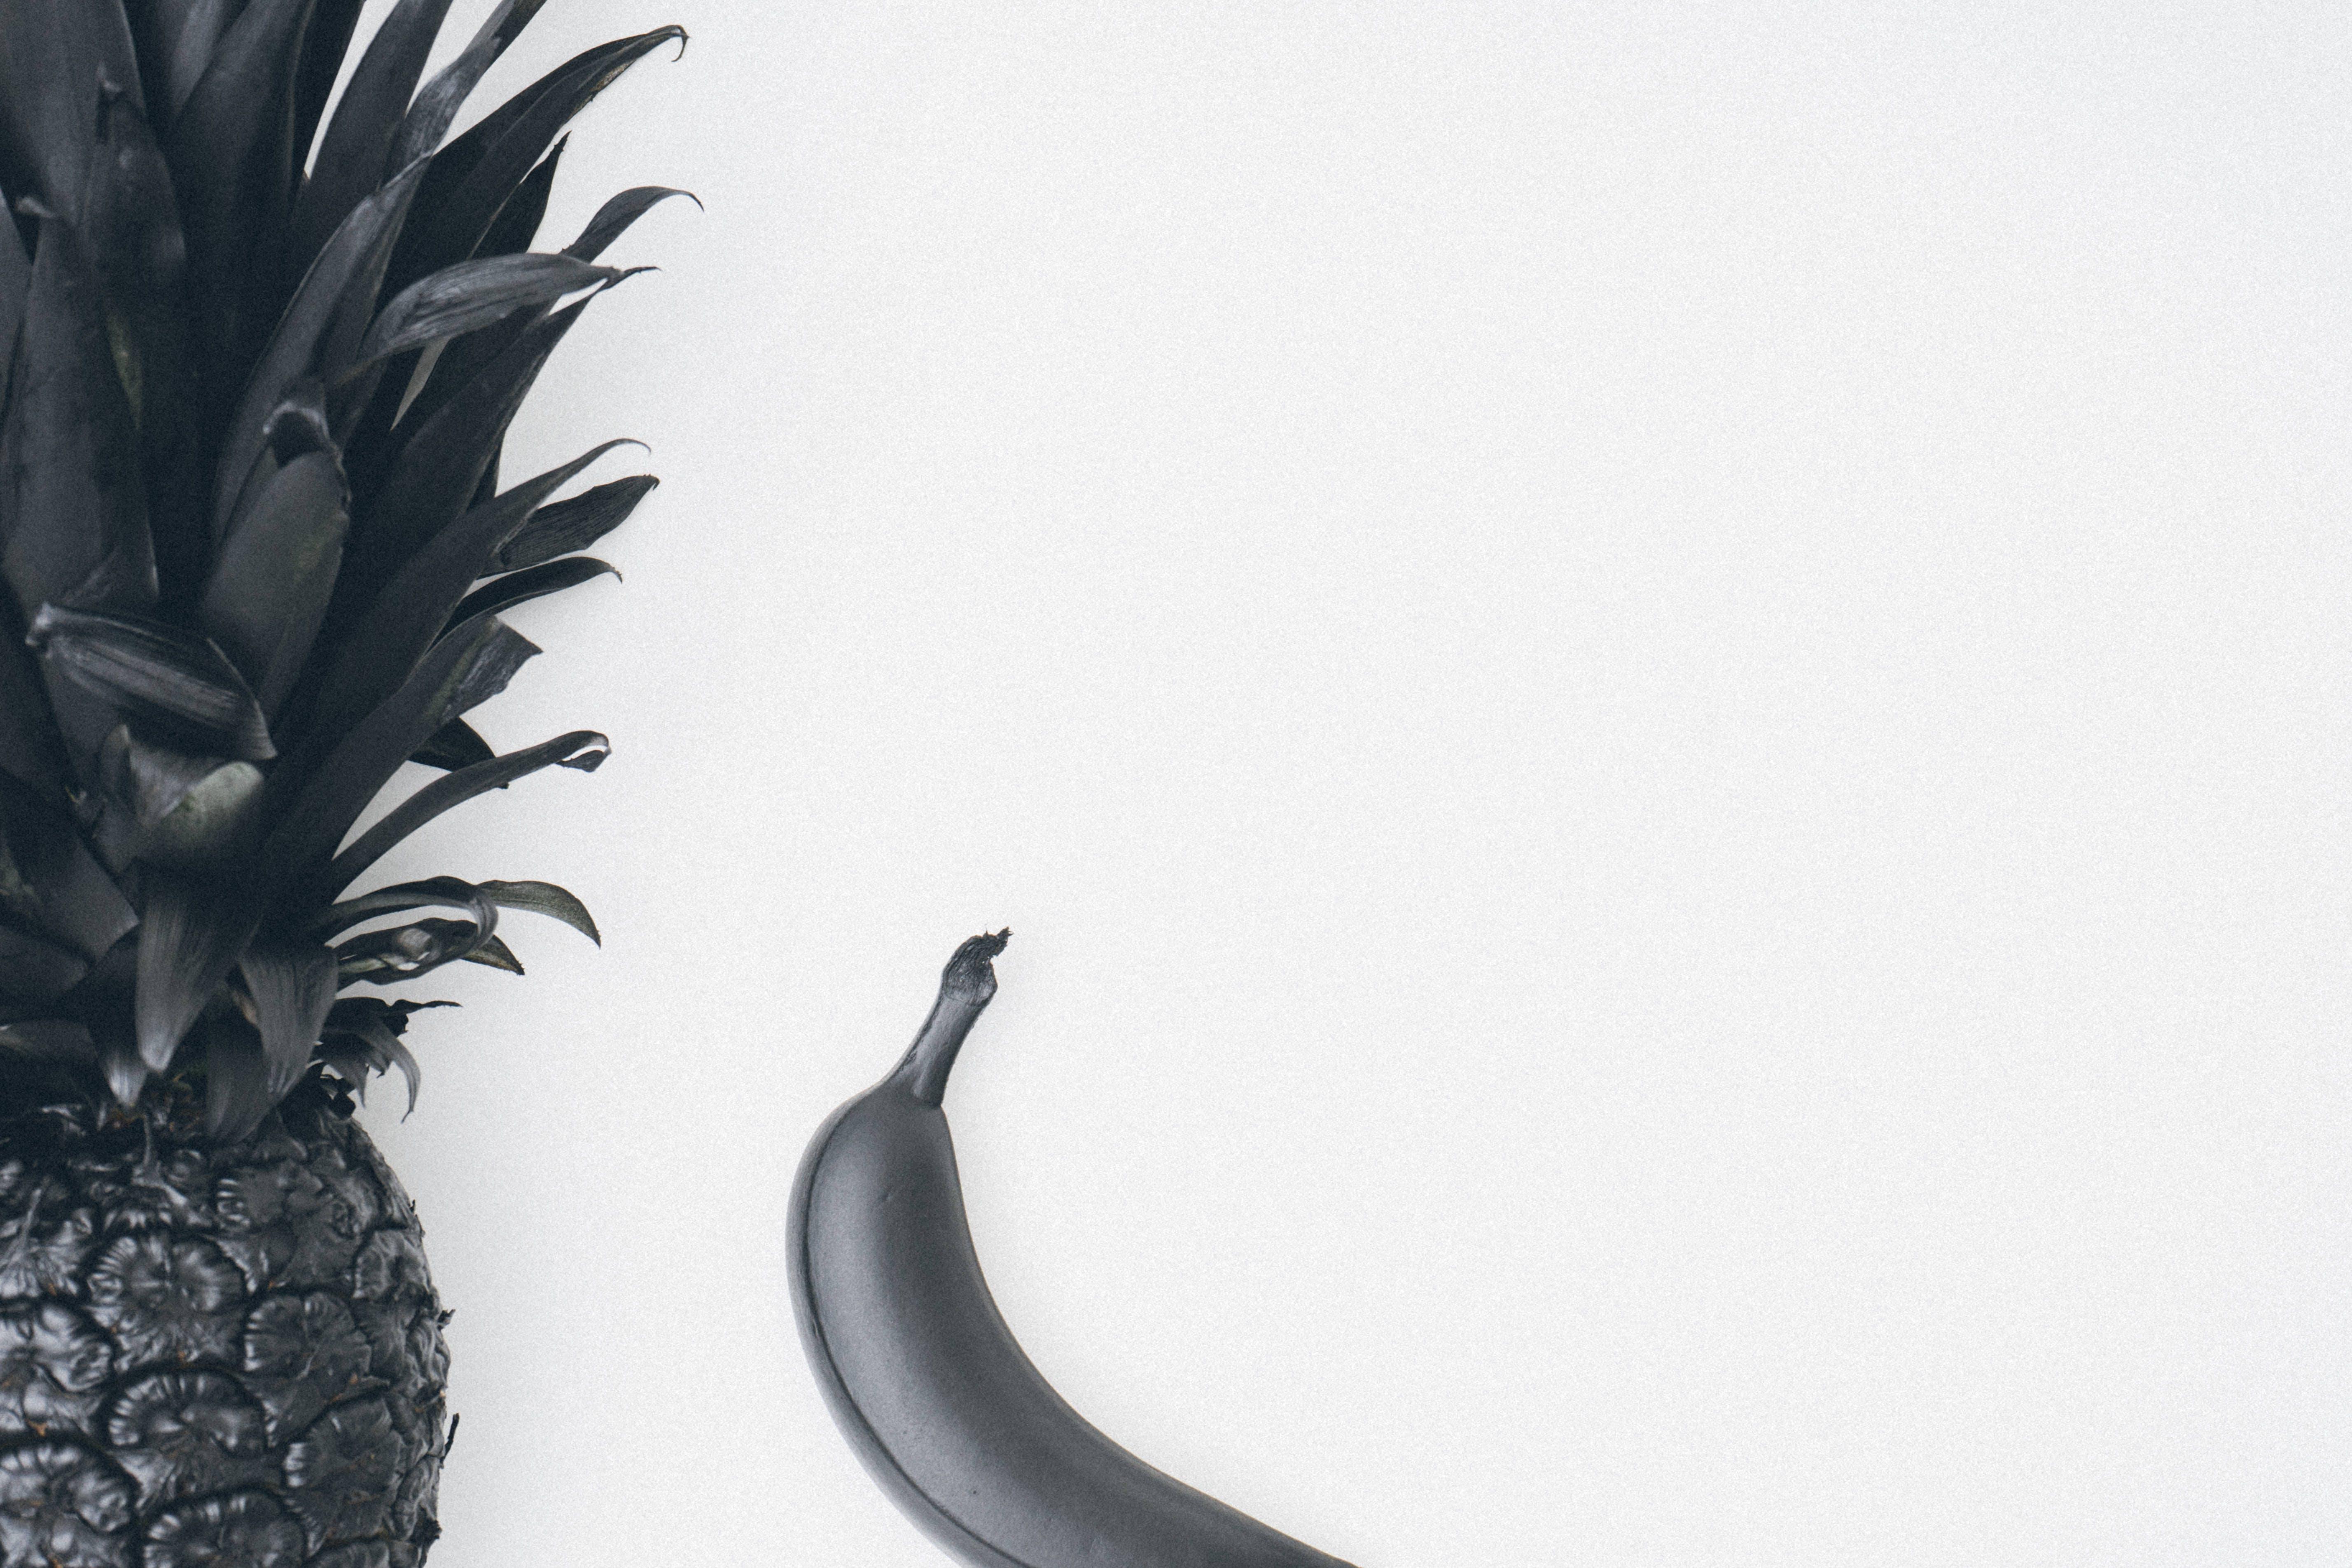 アート, オーバーヘッド, コピースペース, バナナの無料の写真素材